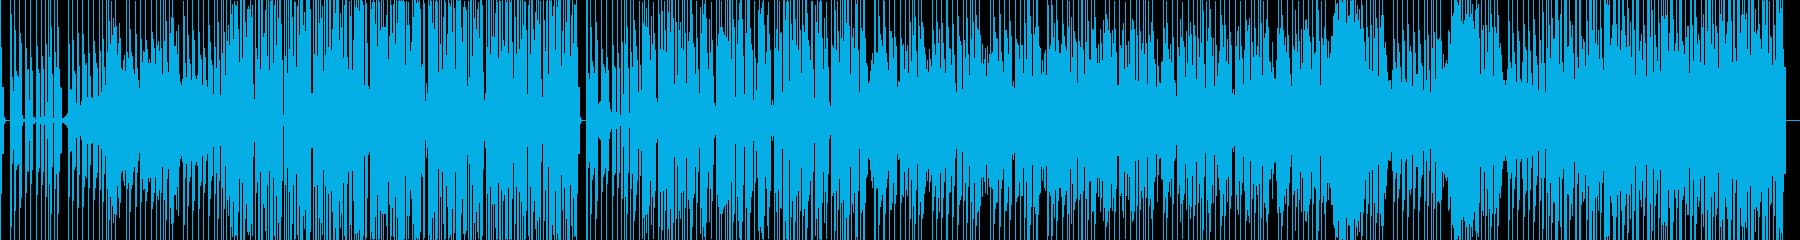 ミステリアスな雰囲気の曲です。の再生済みの波形